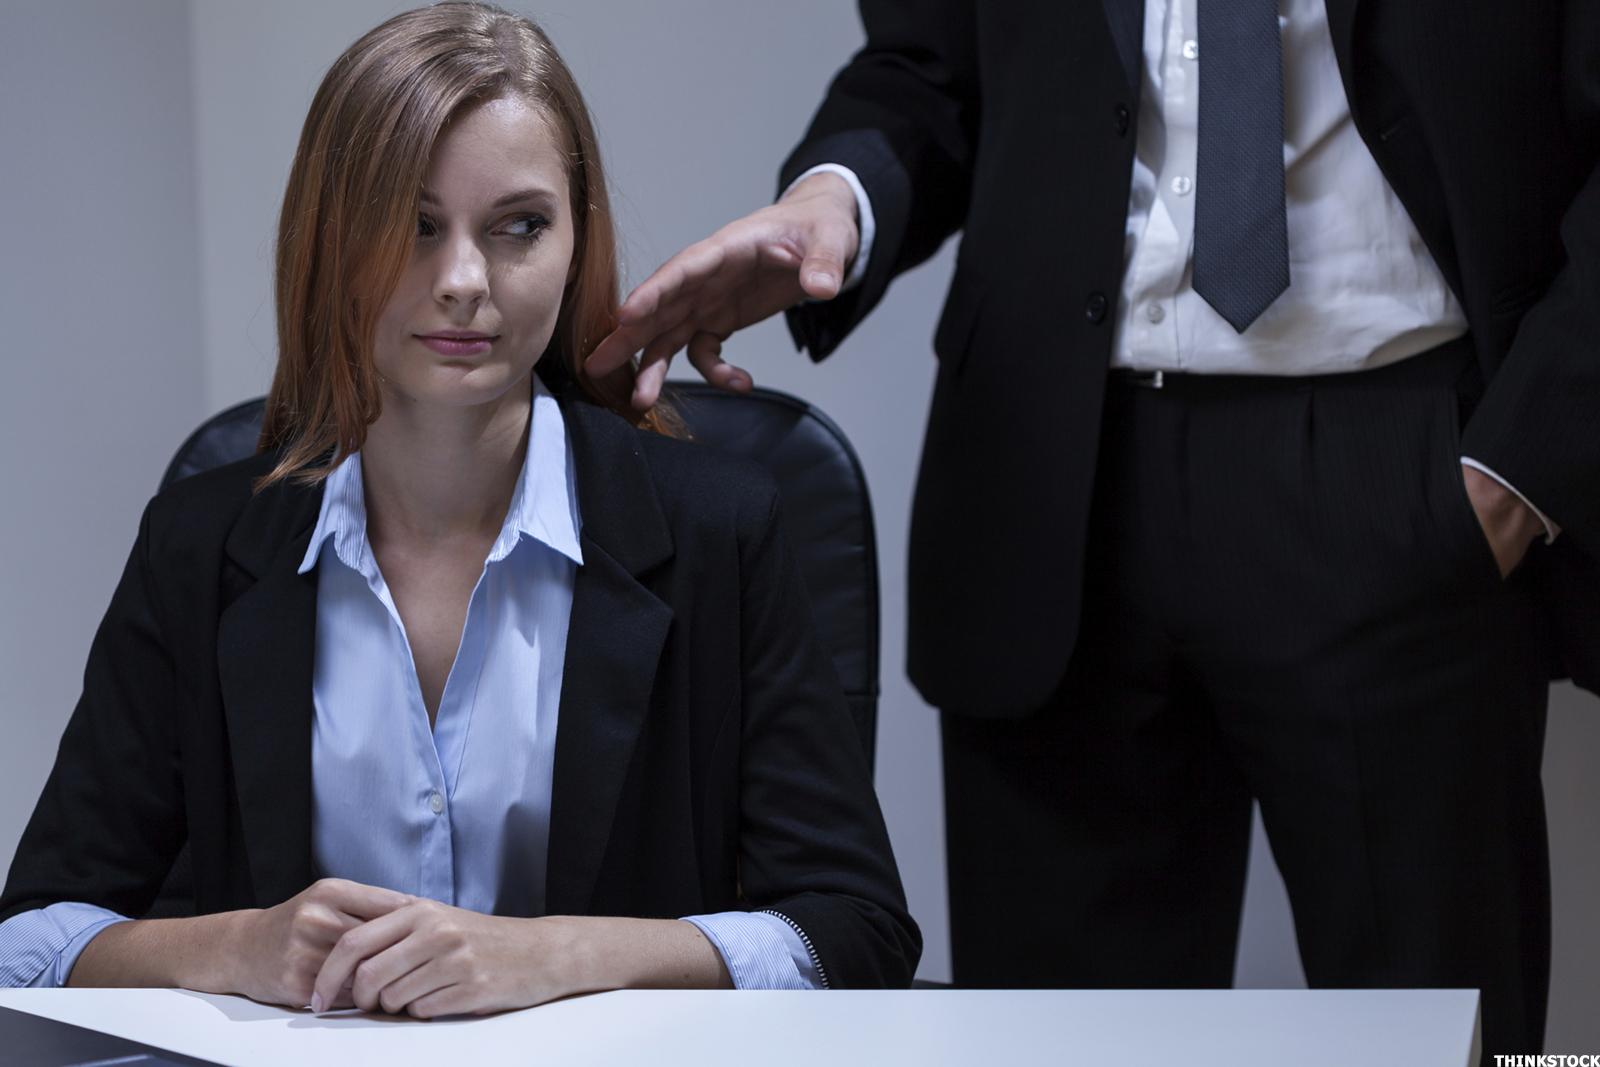 Рассказ шеф и секретарша, Лариса Маркиянова. Секретарша босс (рассказ) 11 фотография